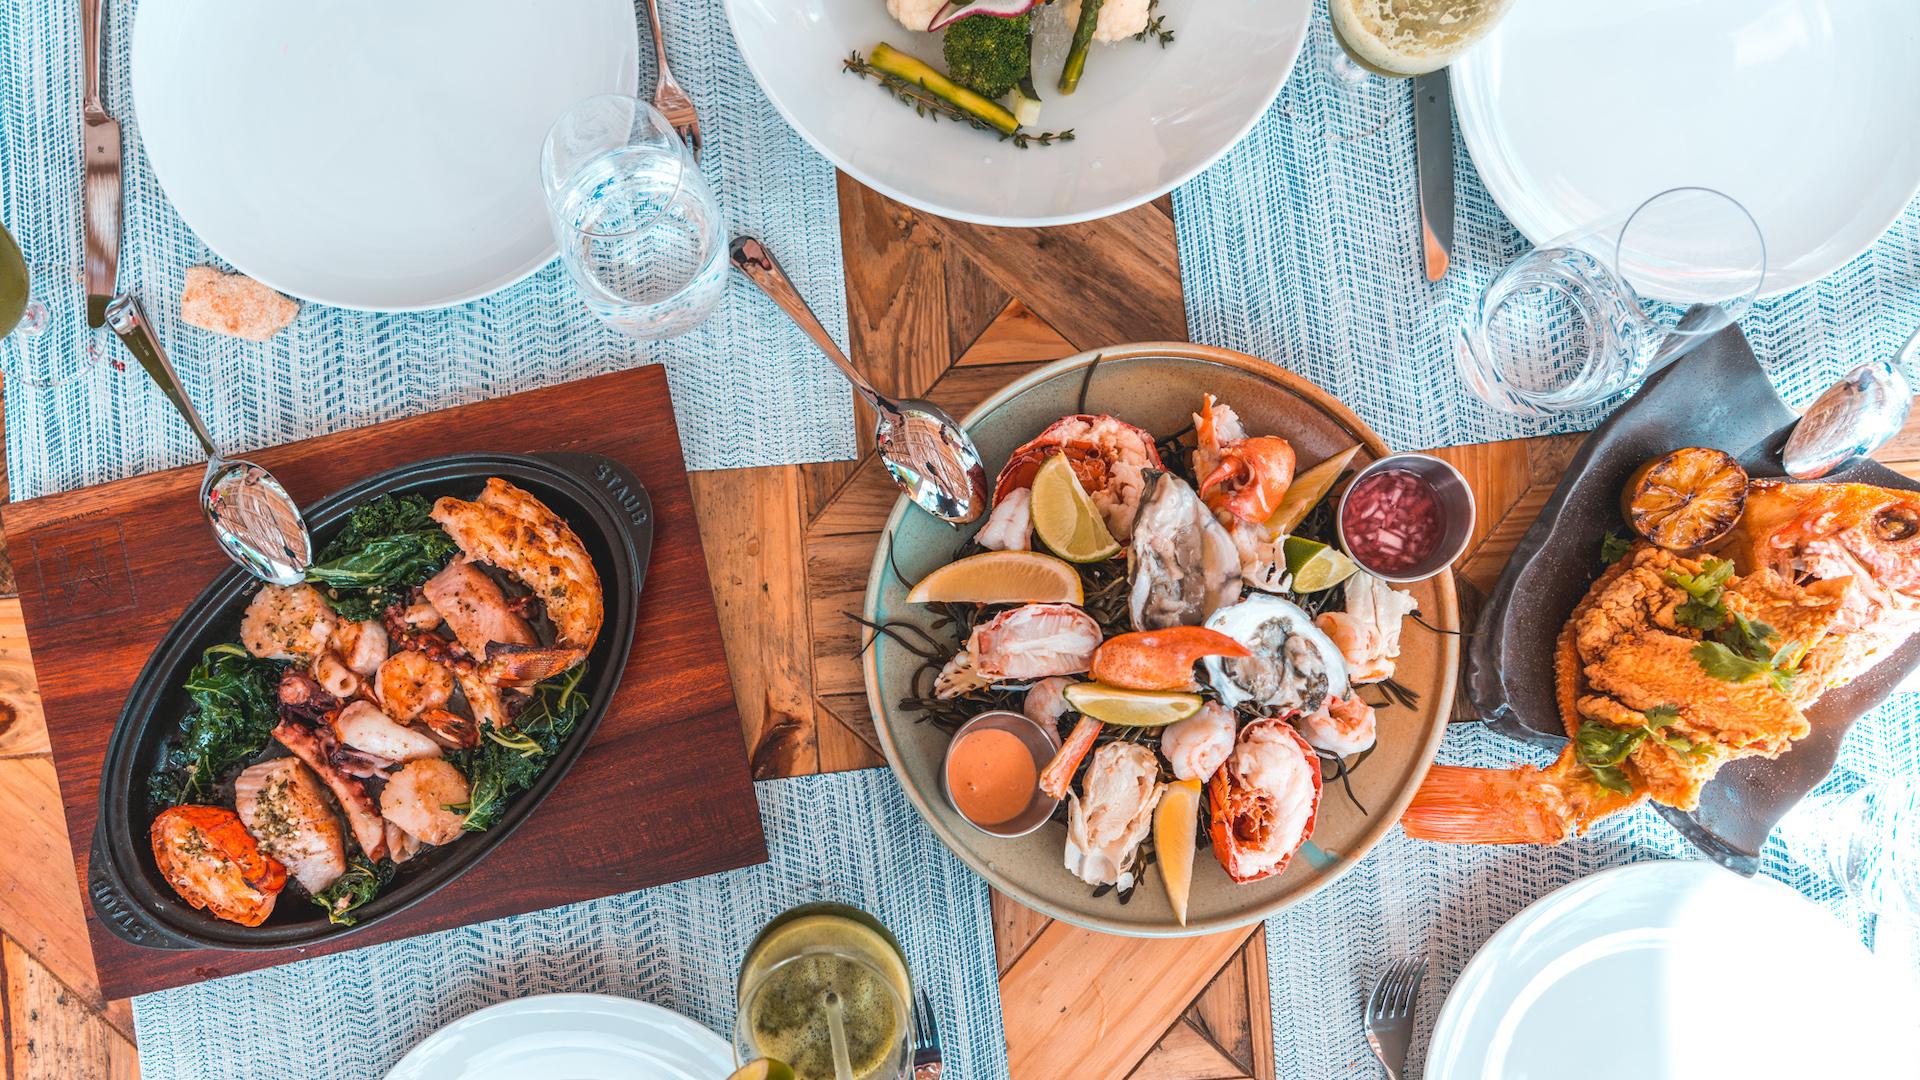 Las mejores propuestas gastronómicas en República Dominicana